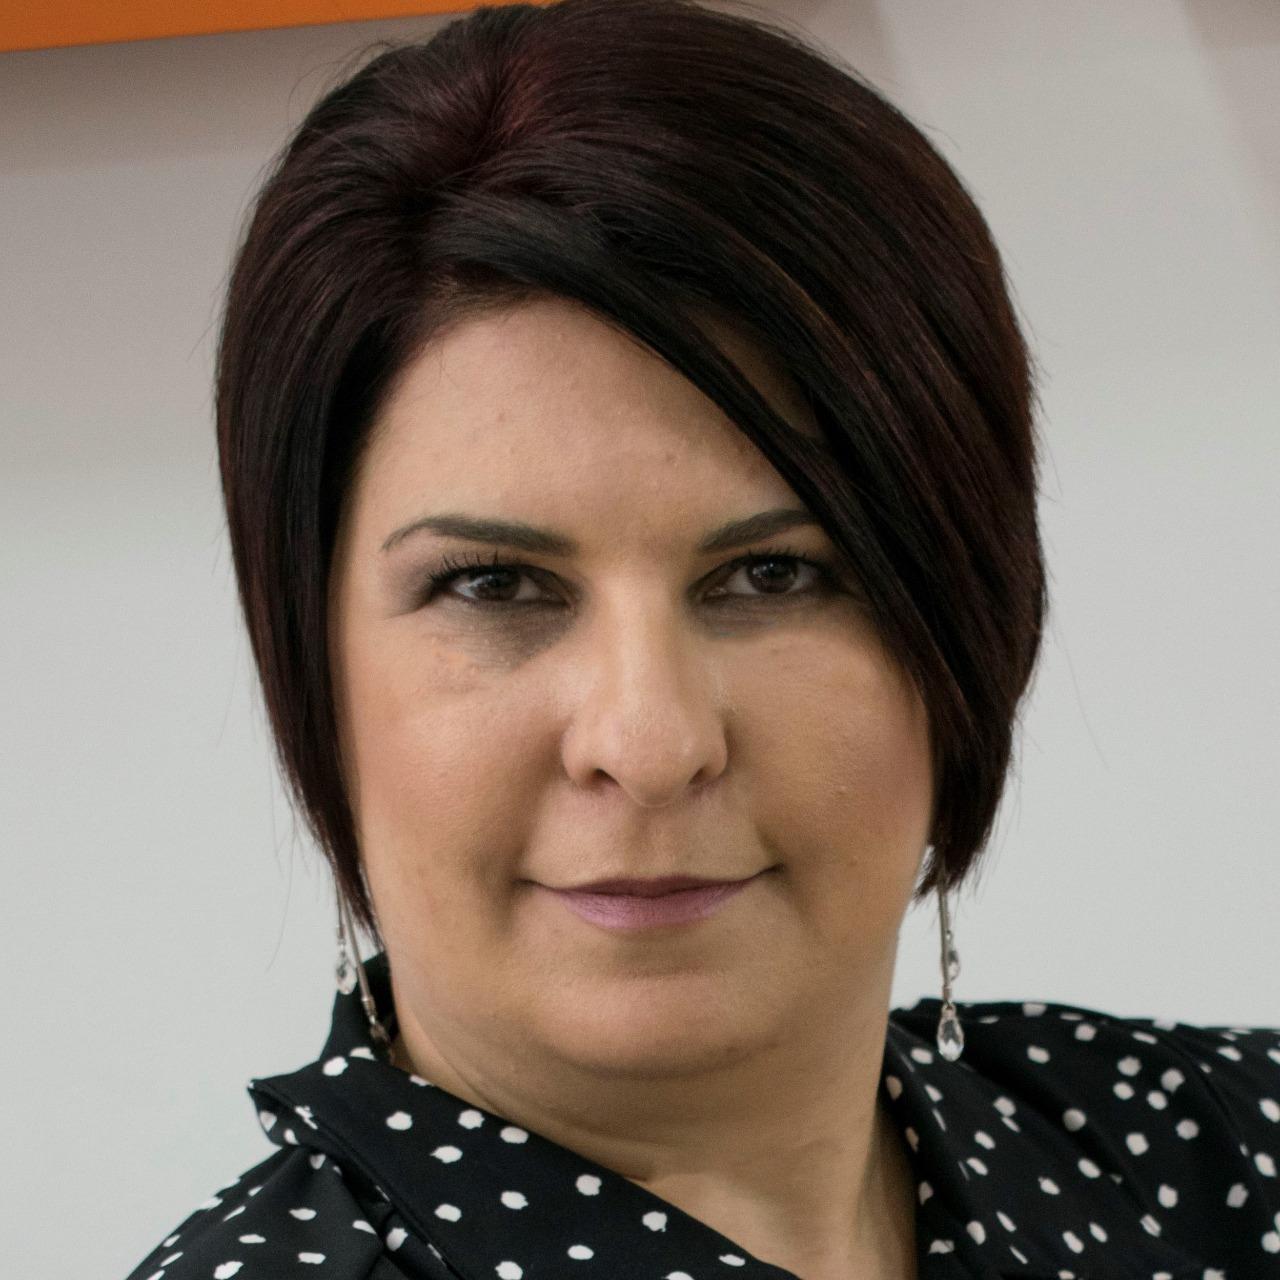 Andréa Thomé